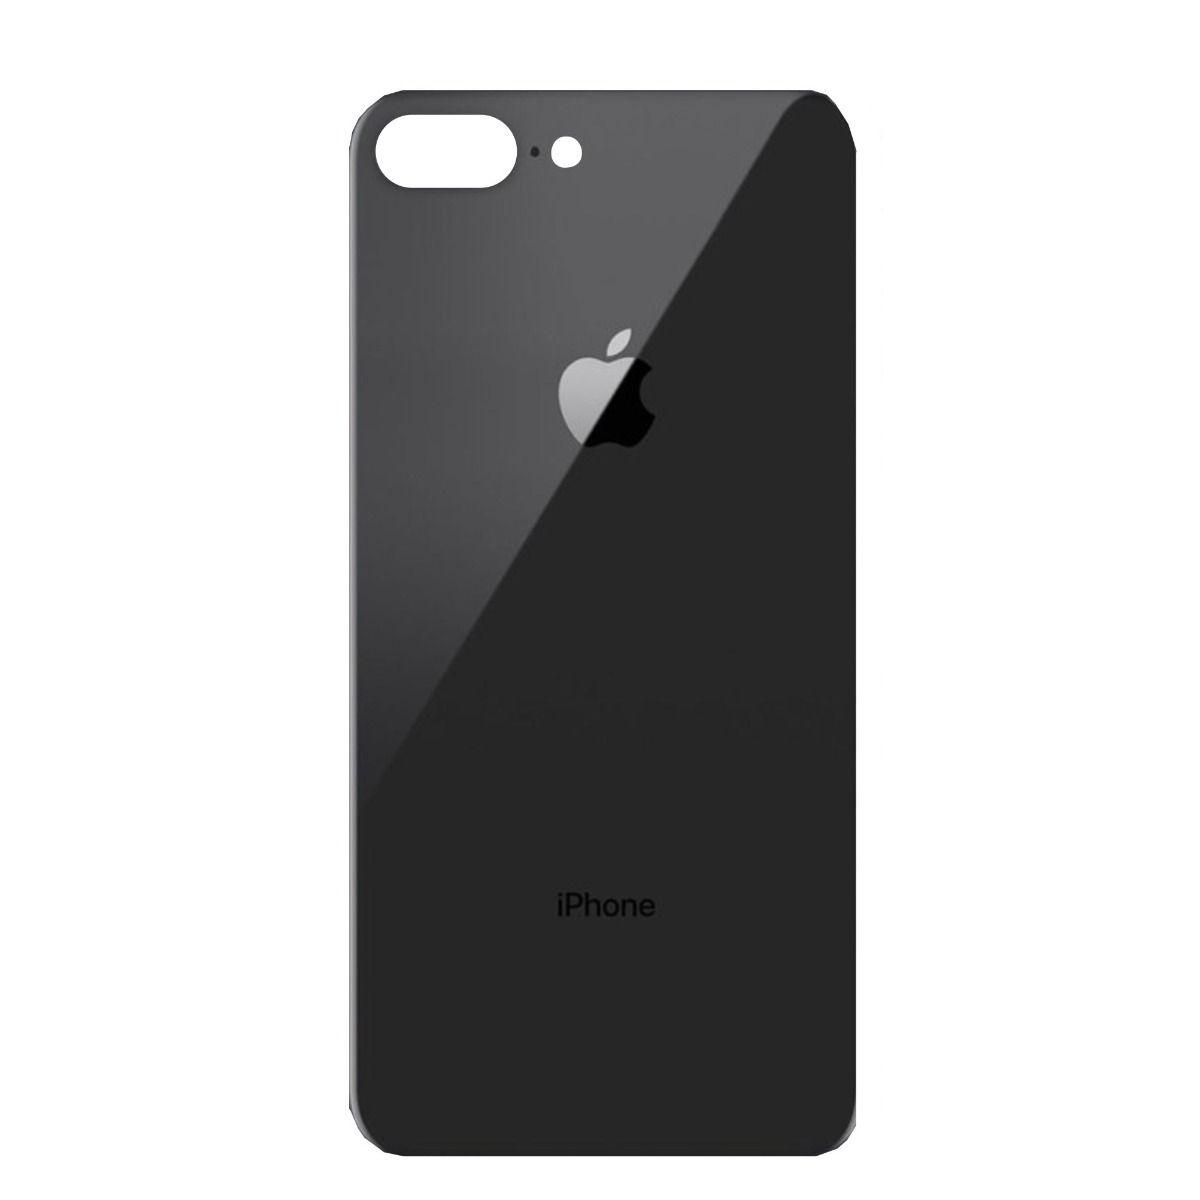 ΤΖΑΜΙ ΓΙΑ ΚΑΠΑΚΙ ΜΠΑΤΑΡΙΑΣ IPHONE X BLACK